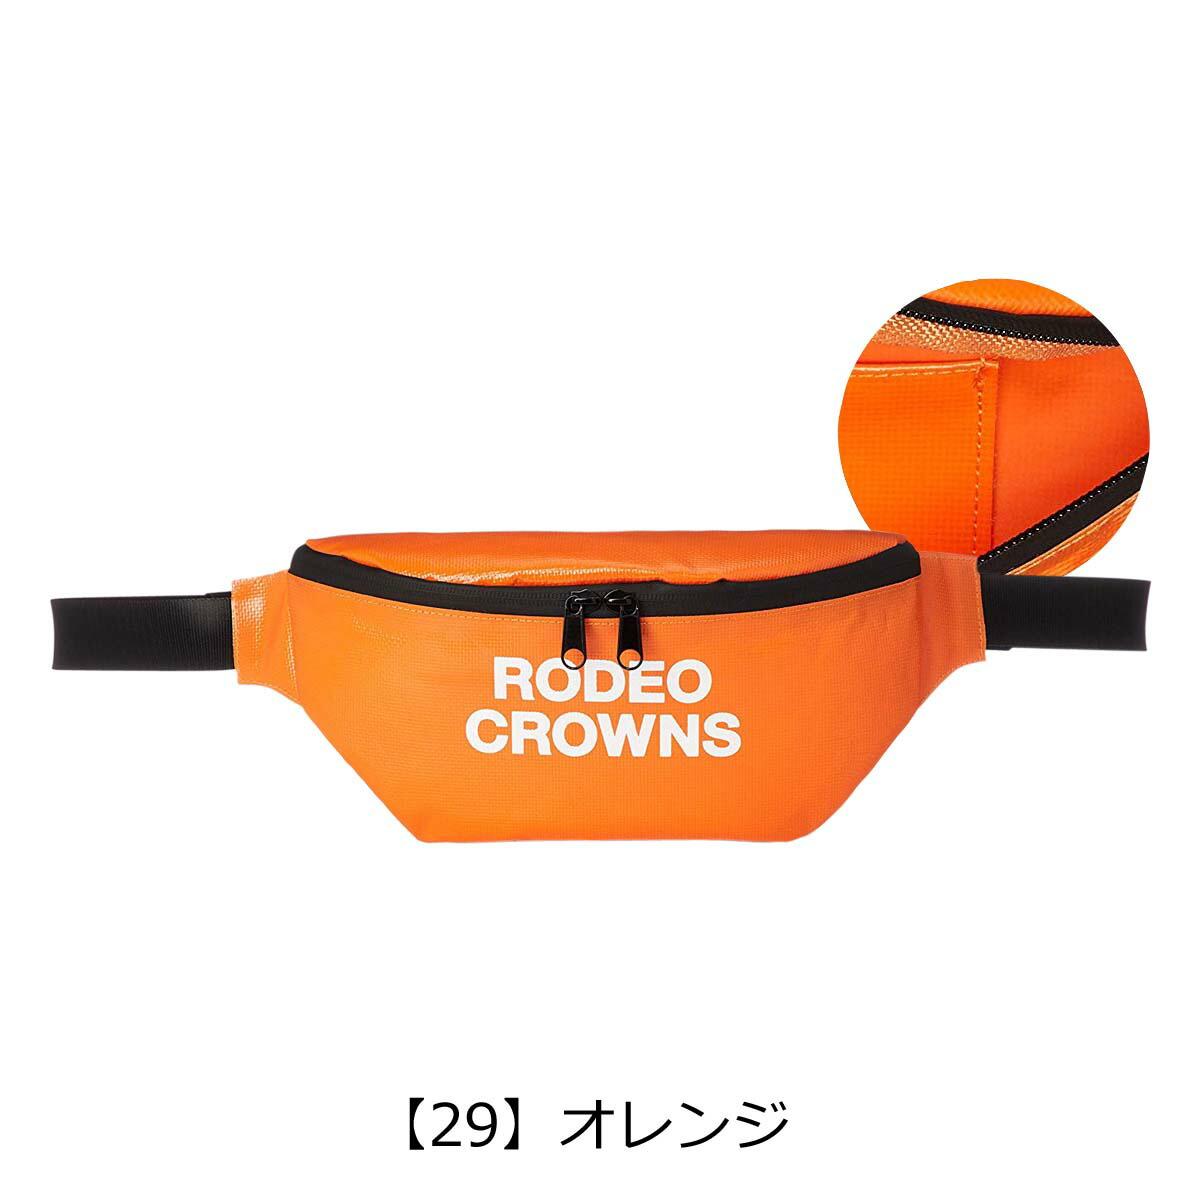 【29】オレンジ